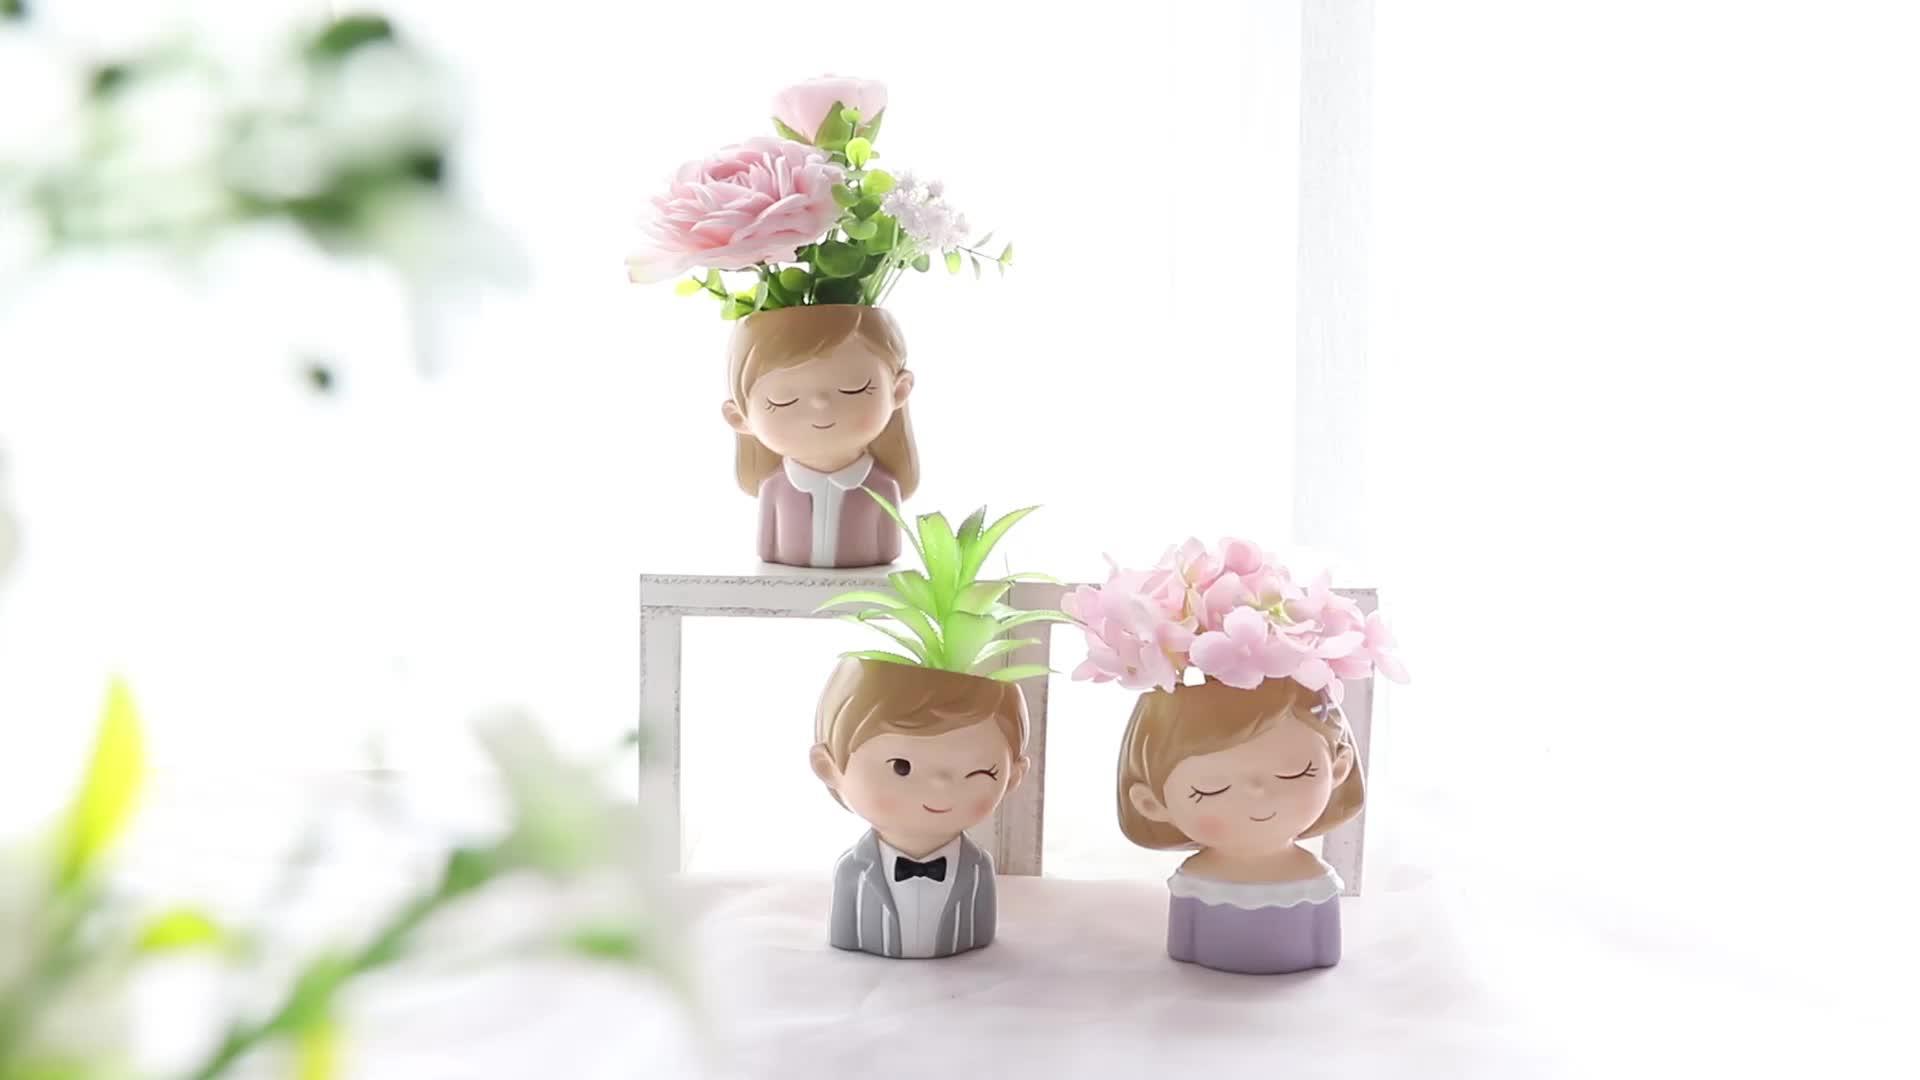 Roogo राल रचनात्मक सजावट गार्डन फूल के बर्तन